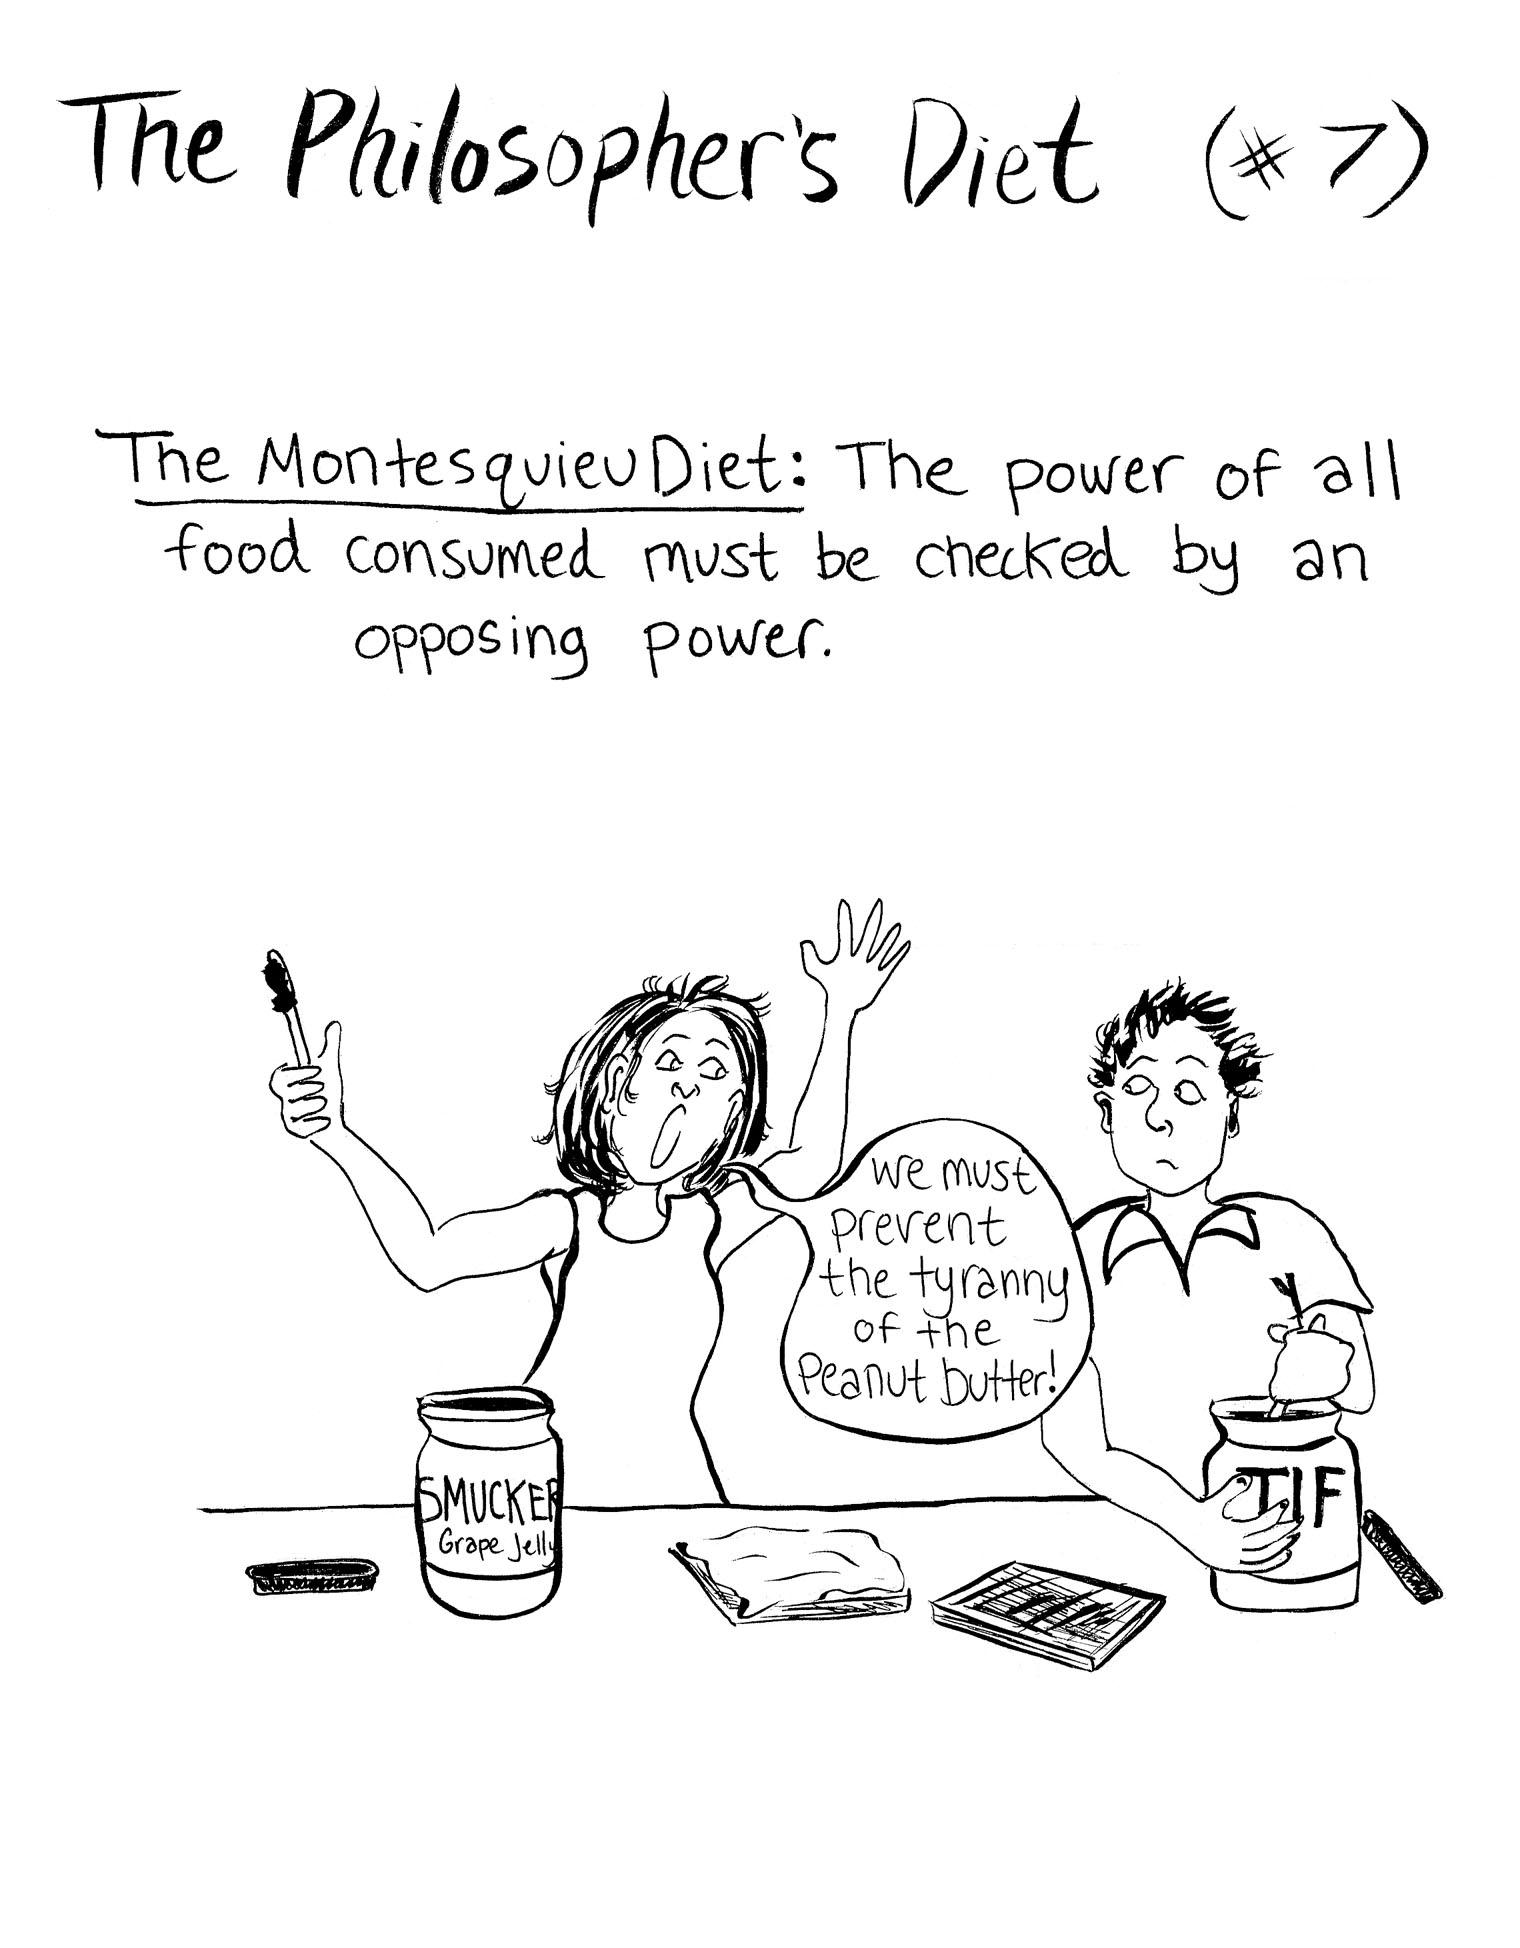 Montesquieu diet